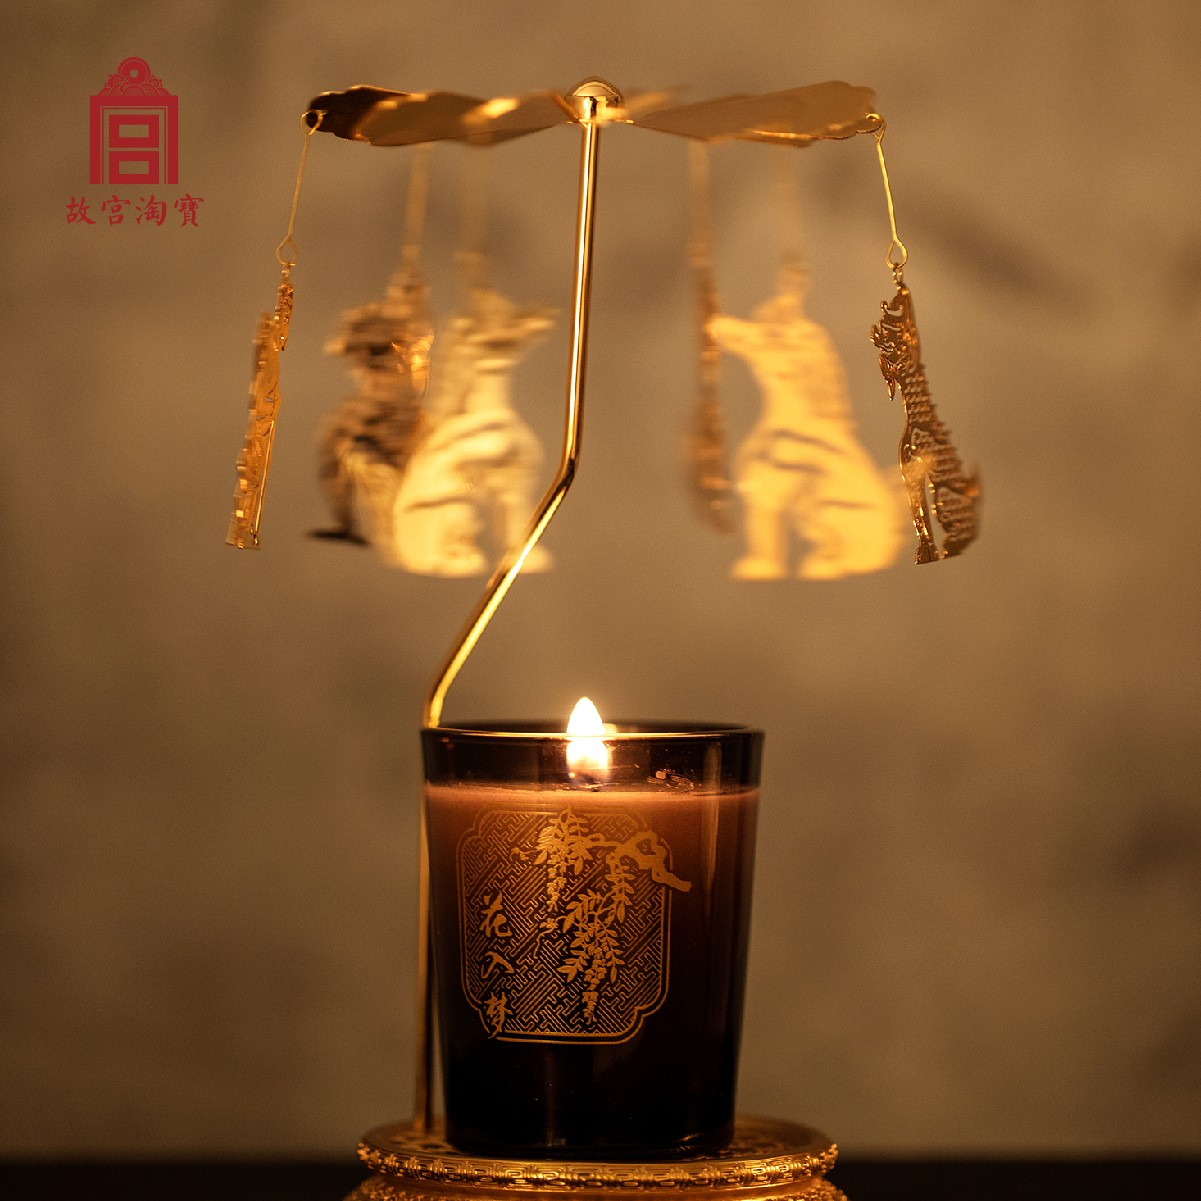 杯裝 2 香薰蠟燭套裝瑞獸走馬燈圣誕禮物 瑞獸戲宮燭 故宮淘寶